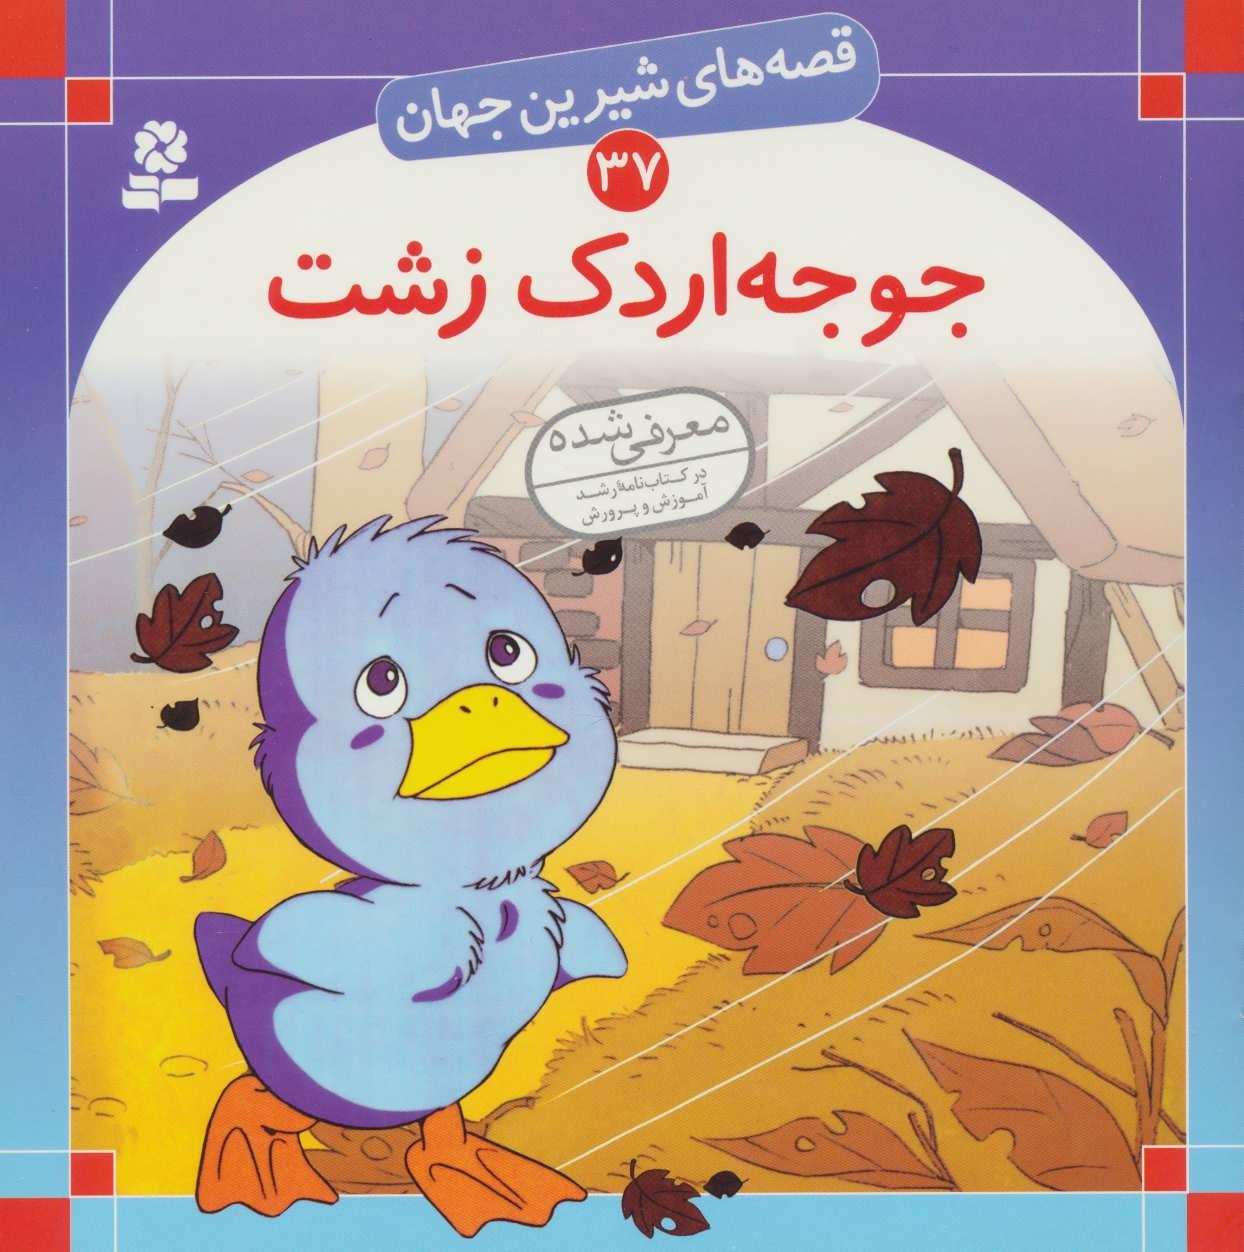 کتاب قصههای شیرین جهان ۳۷ (جوجه اردک زشت)